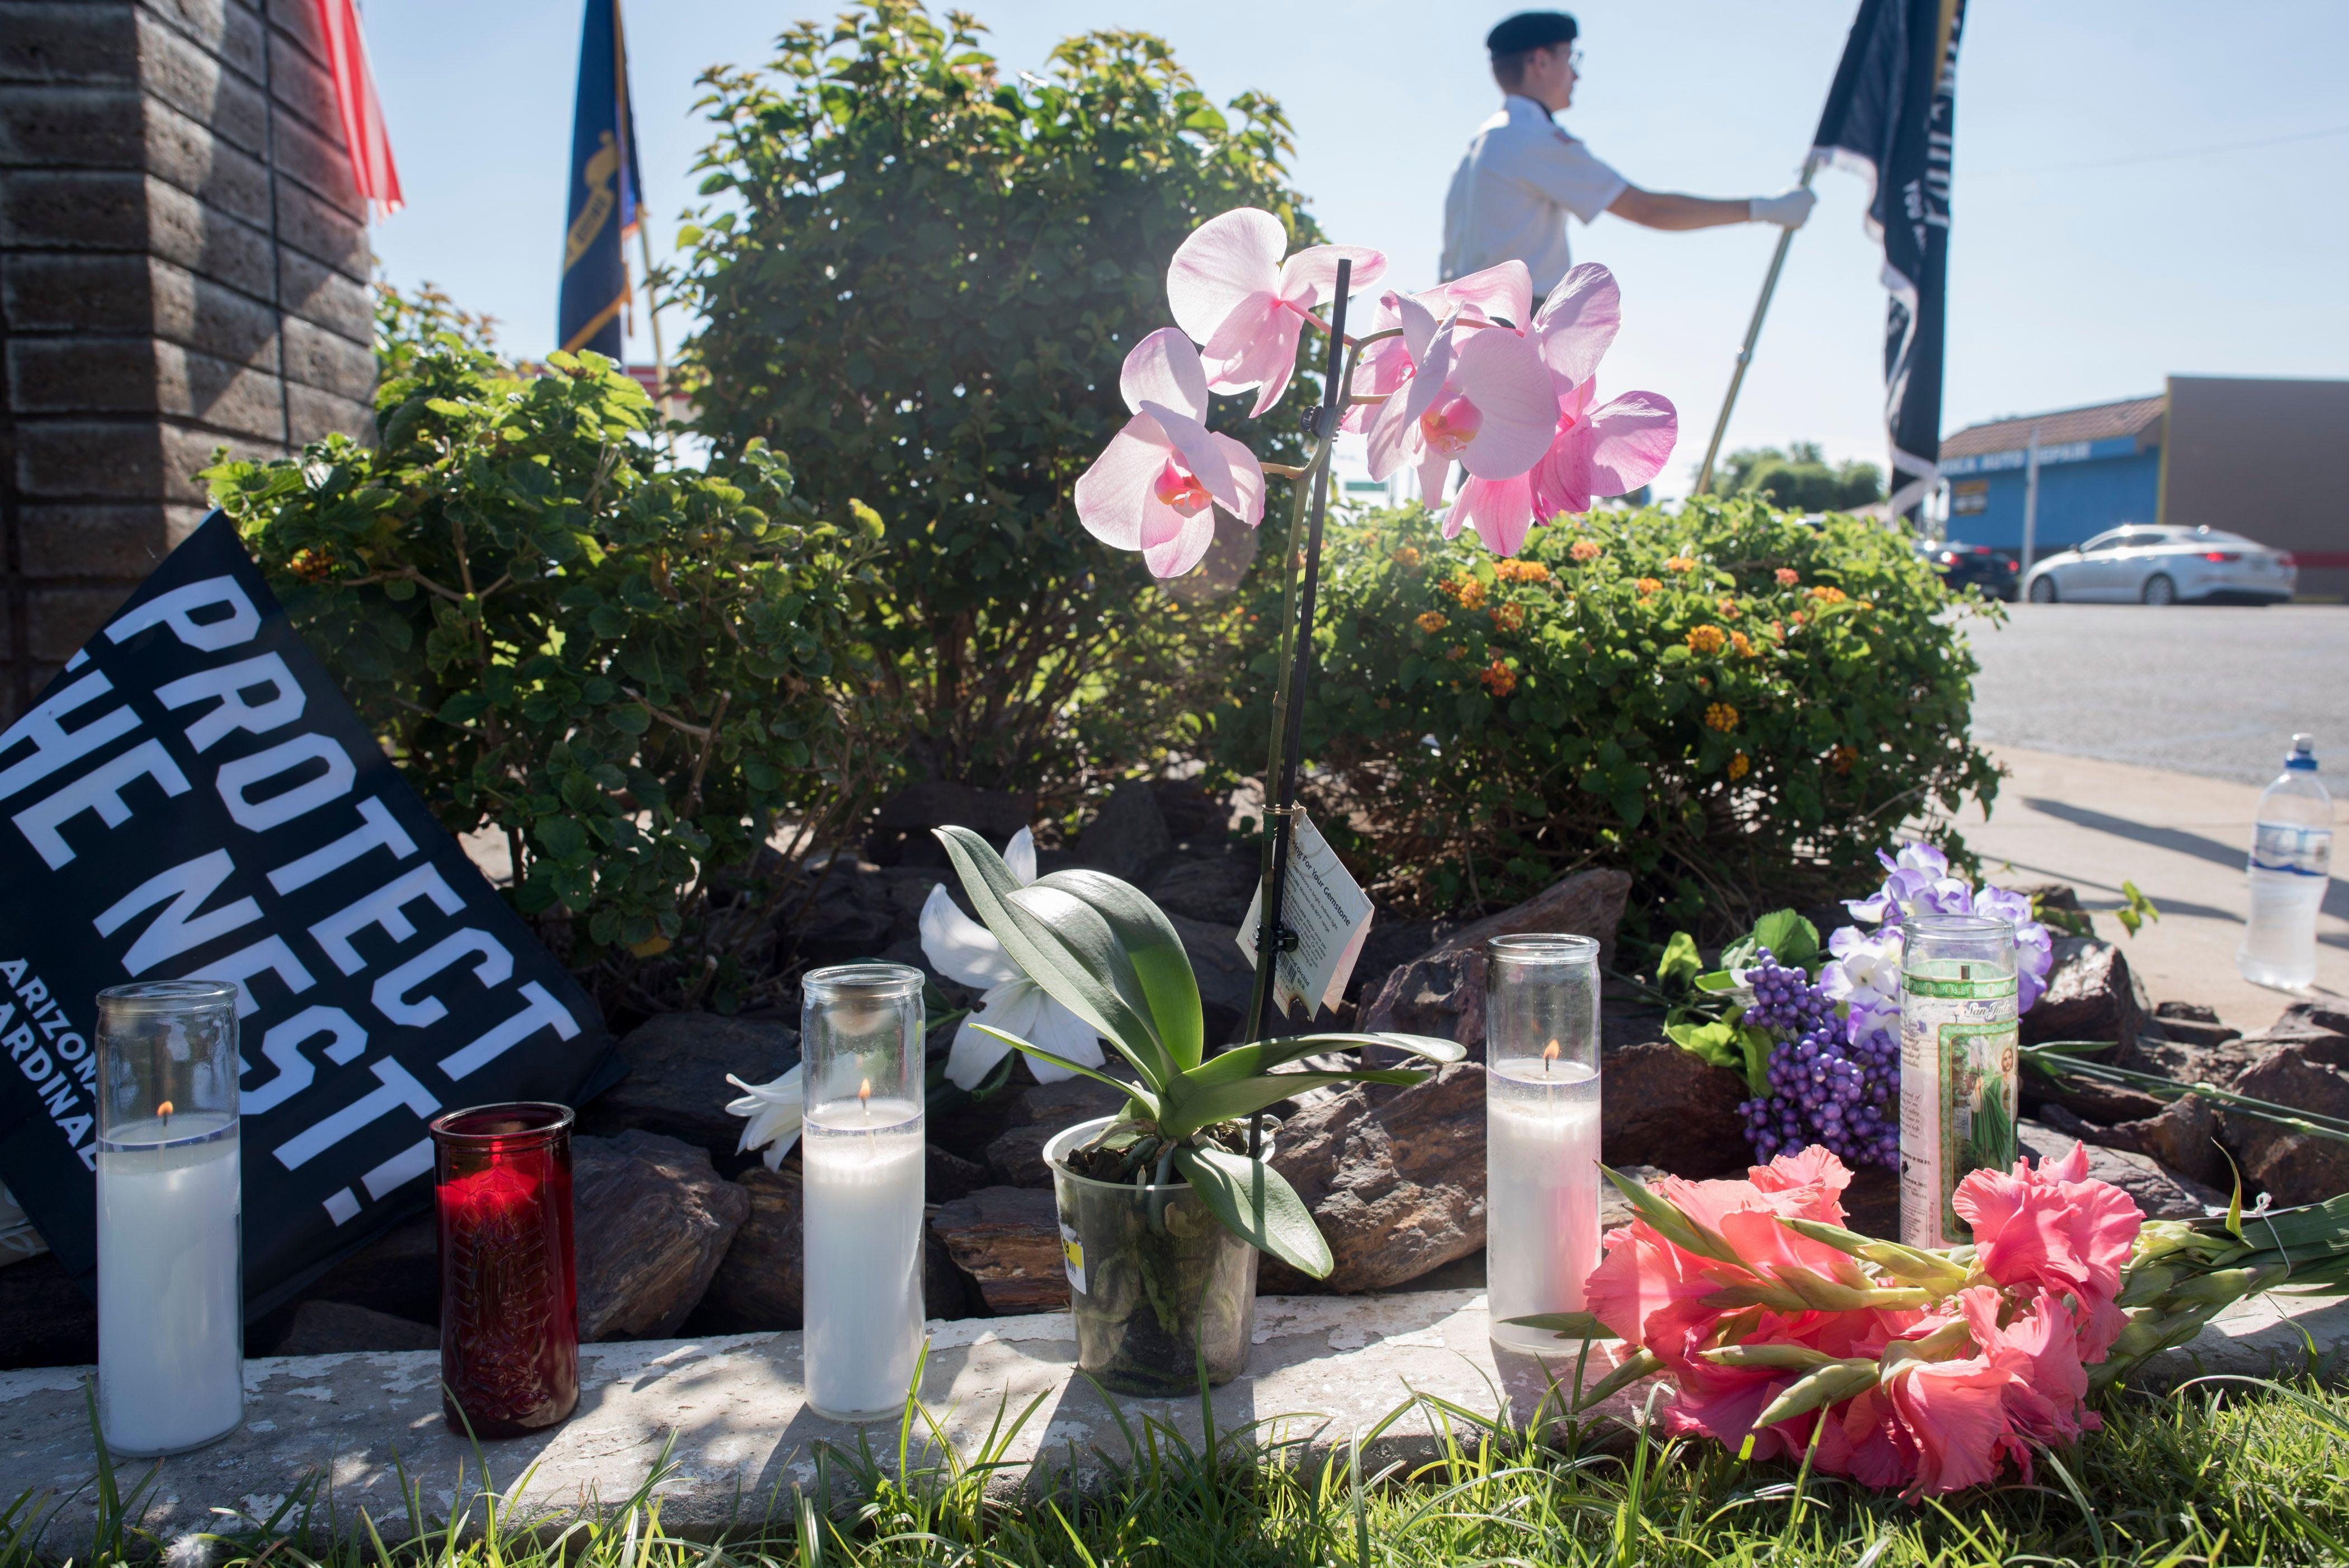 بالشموع والورود الأمريكيون يودعون ماكين